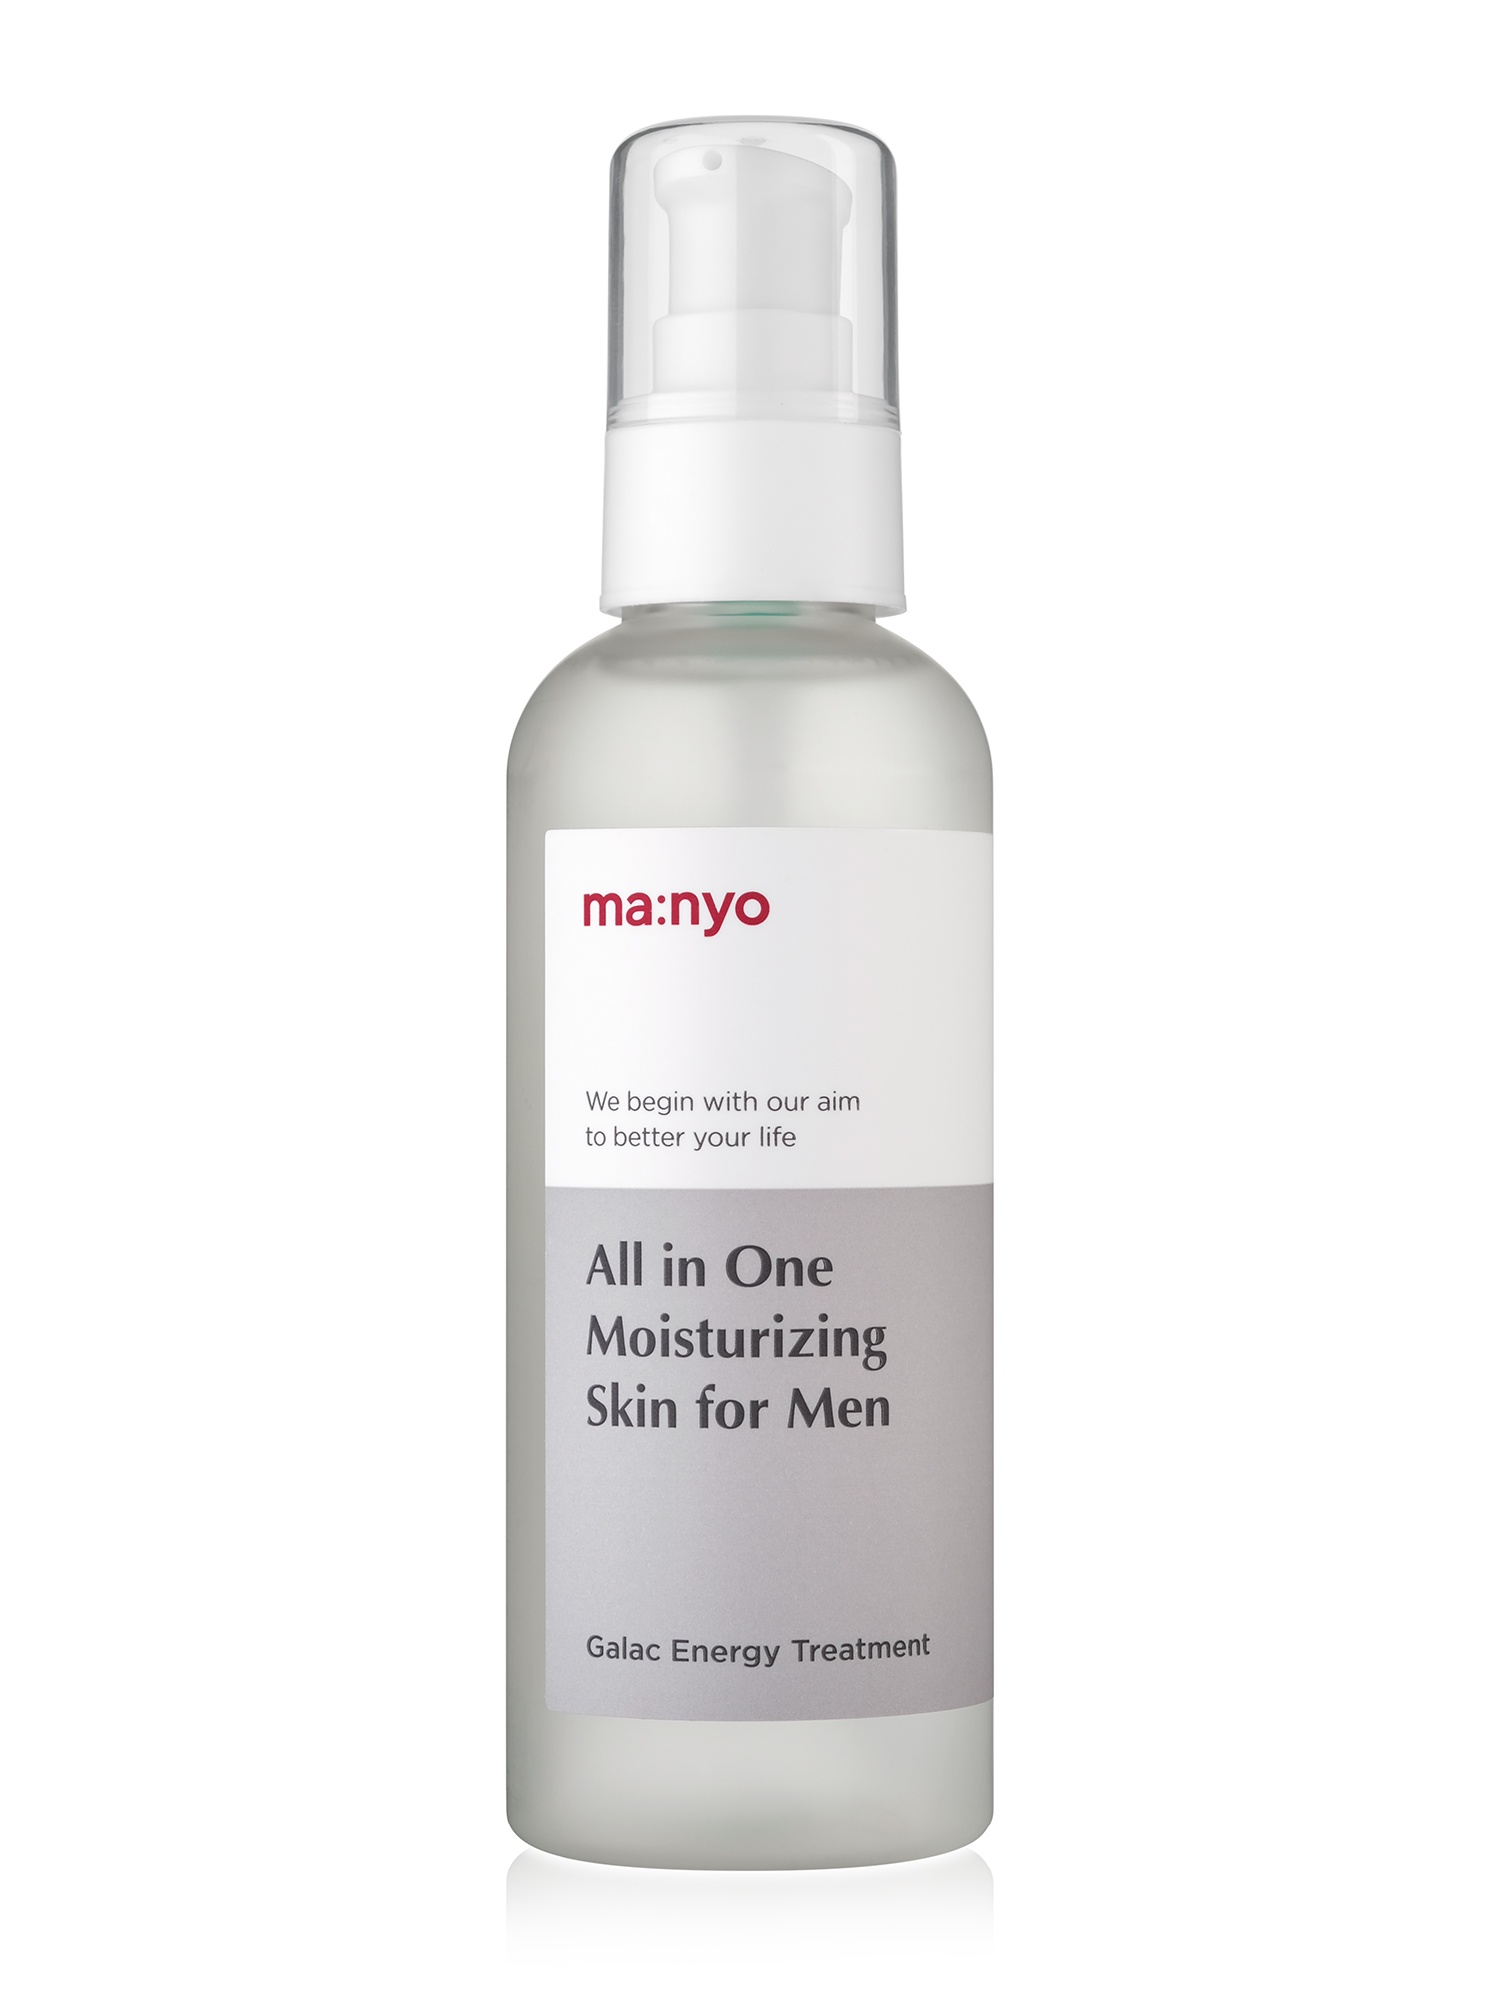 Увлажняющий тоник для мужчин Manyo Galac for men all in one moisturizing skin, 150 ml